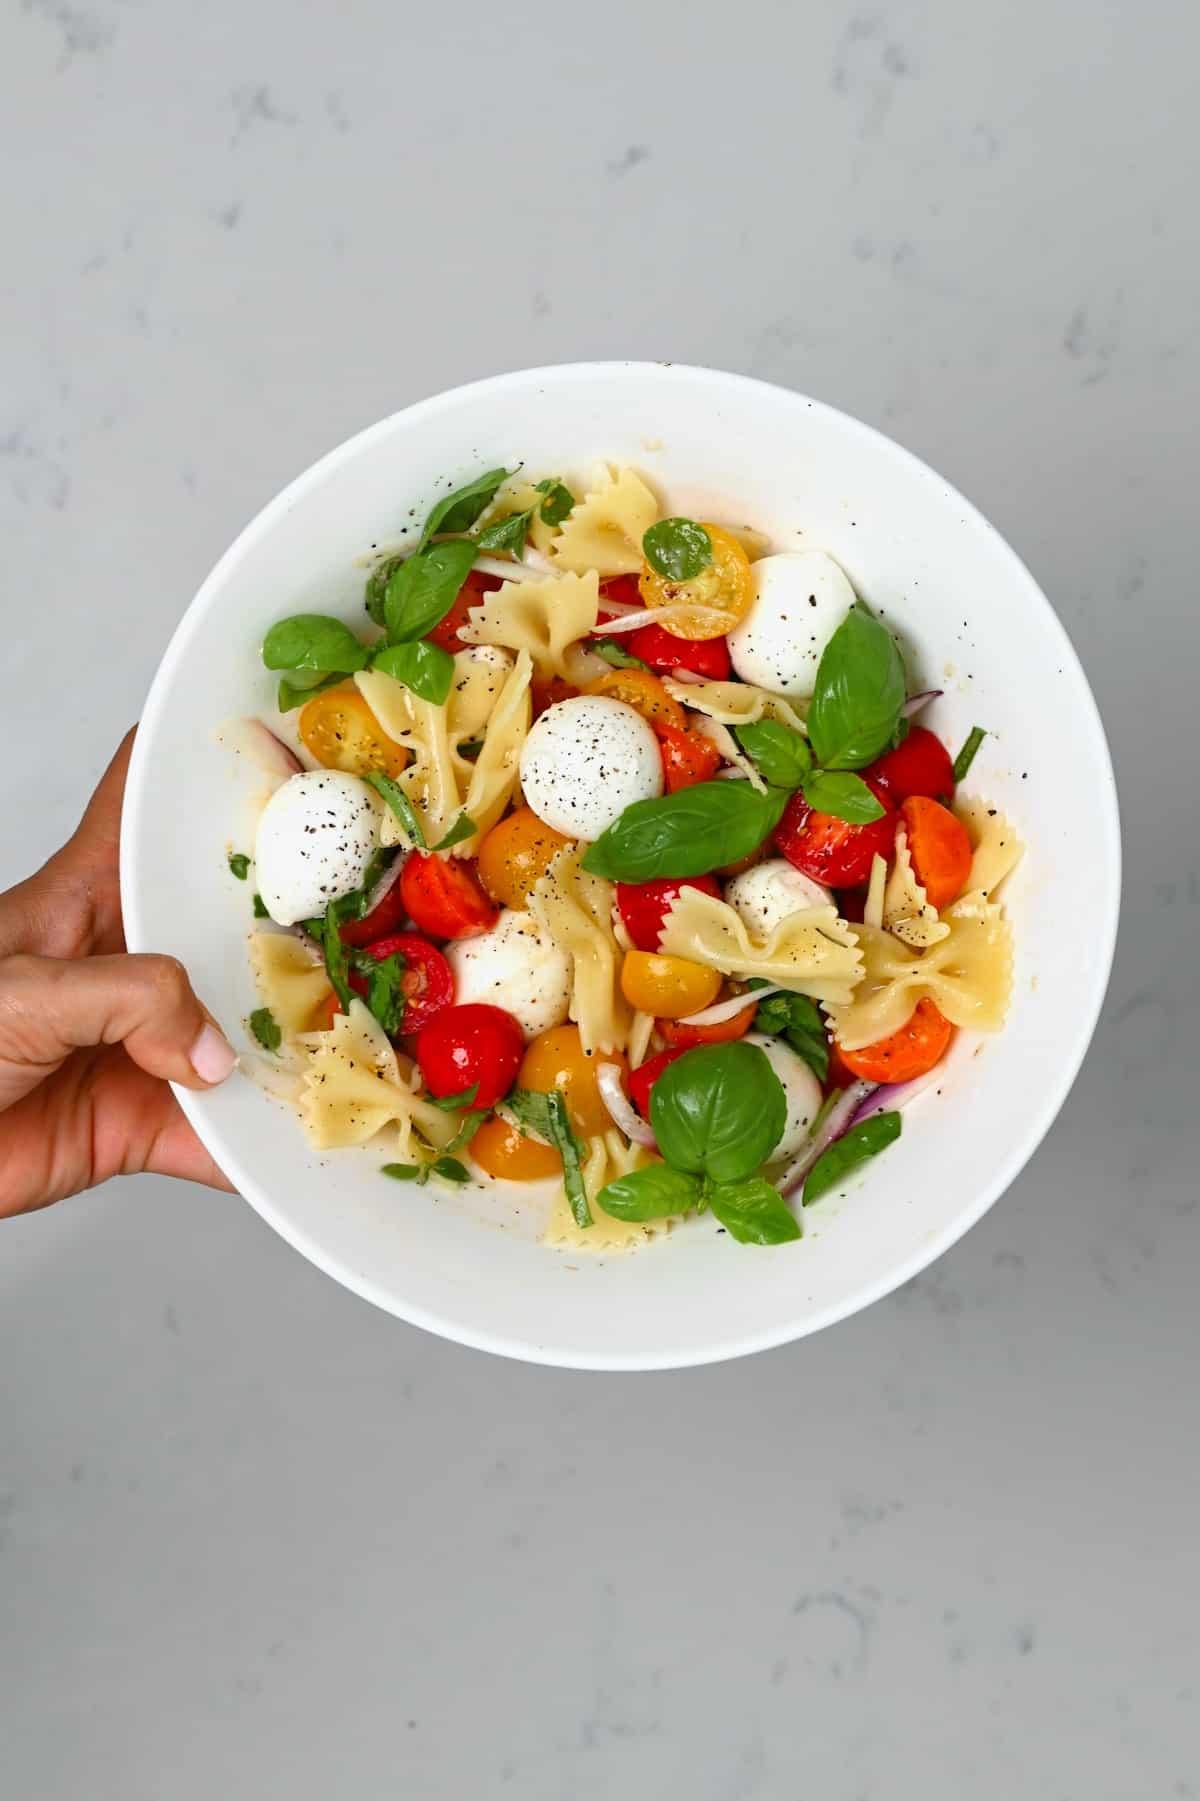 A serving of pasta salad